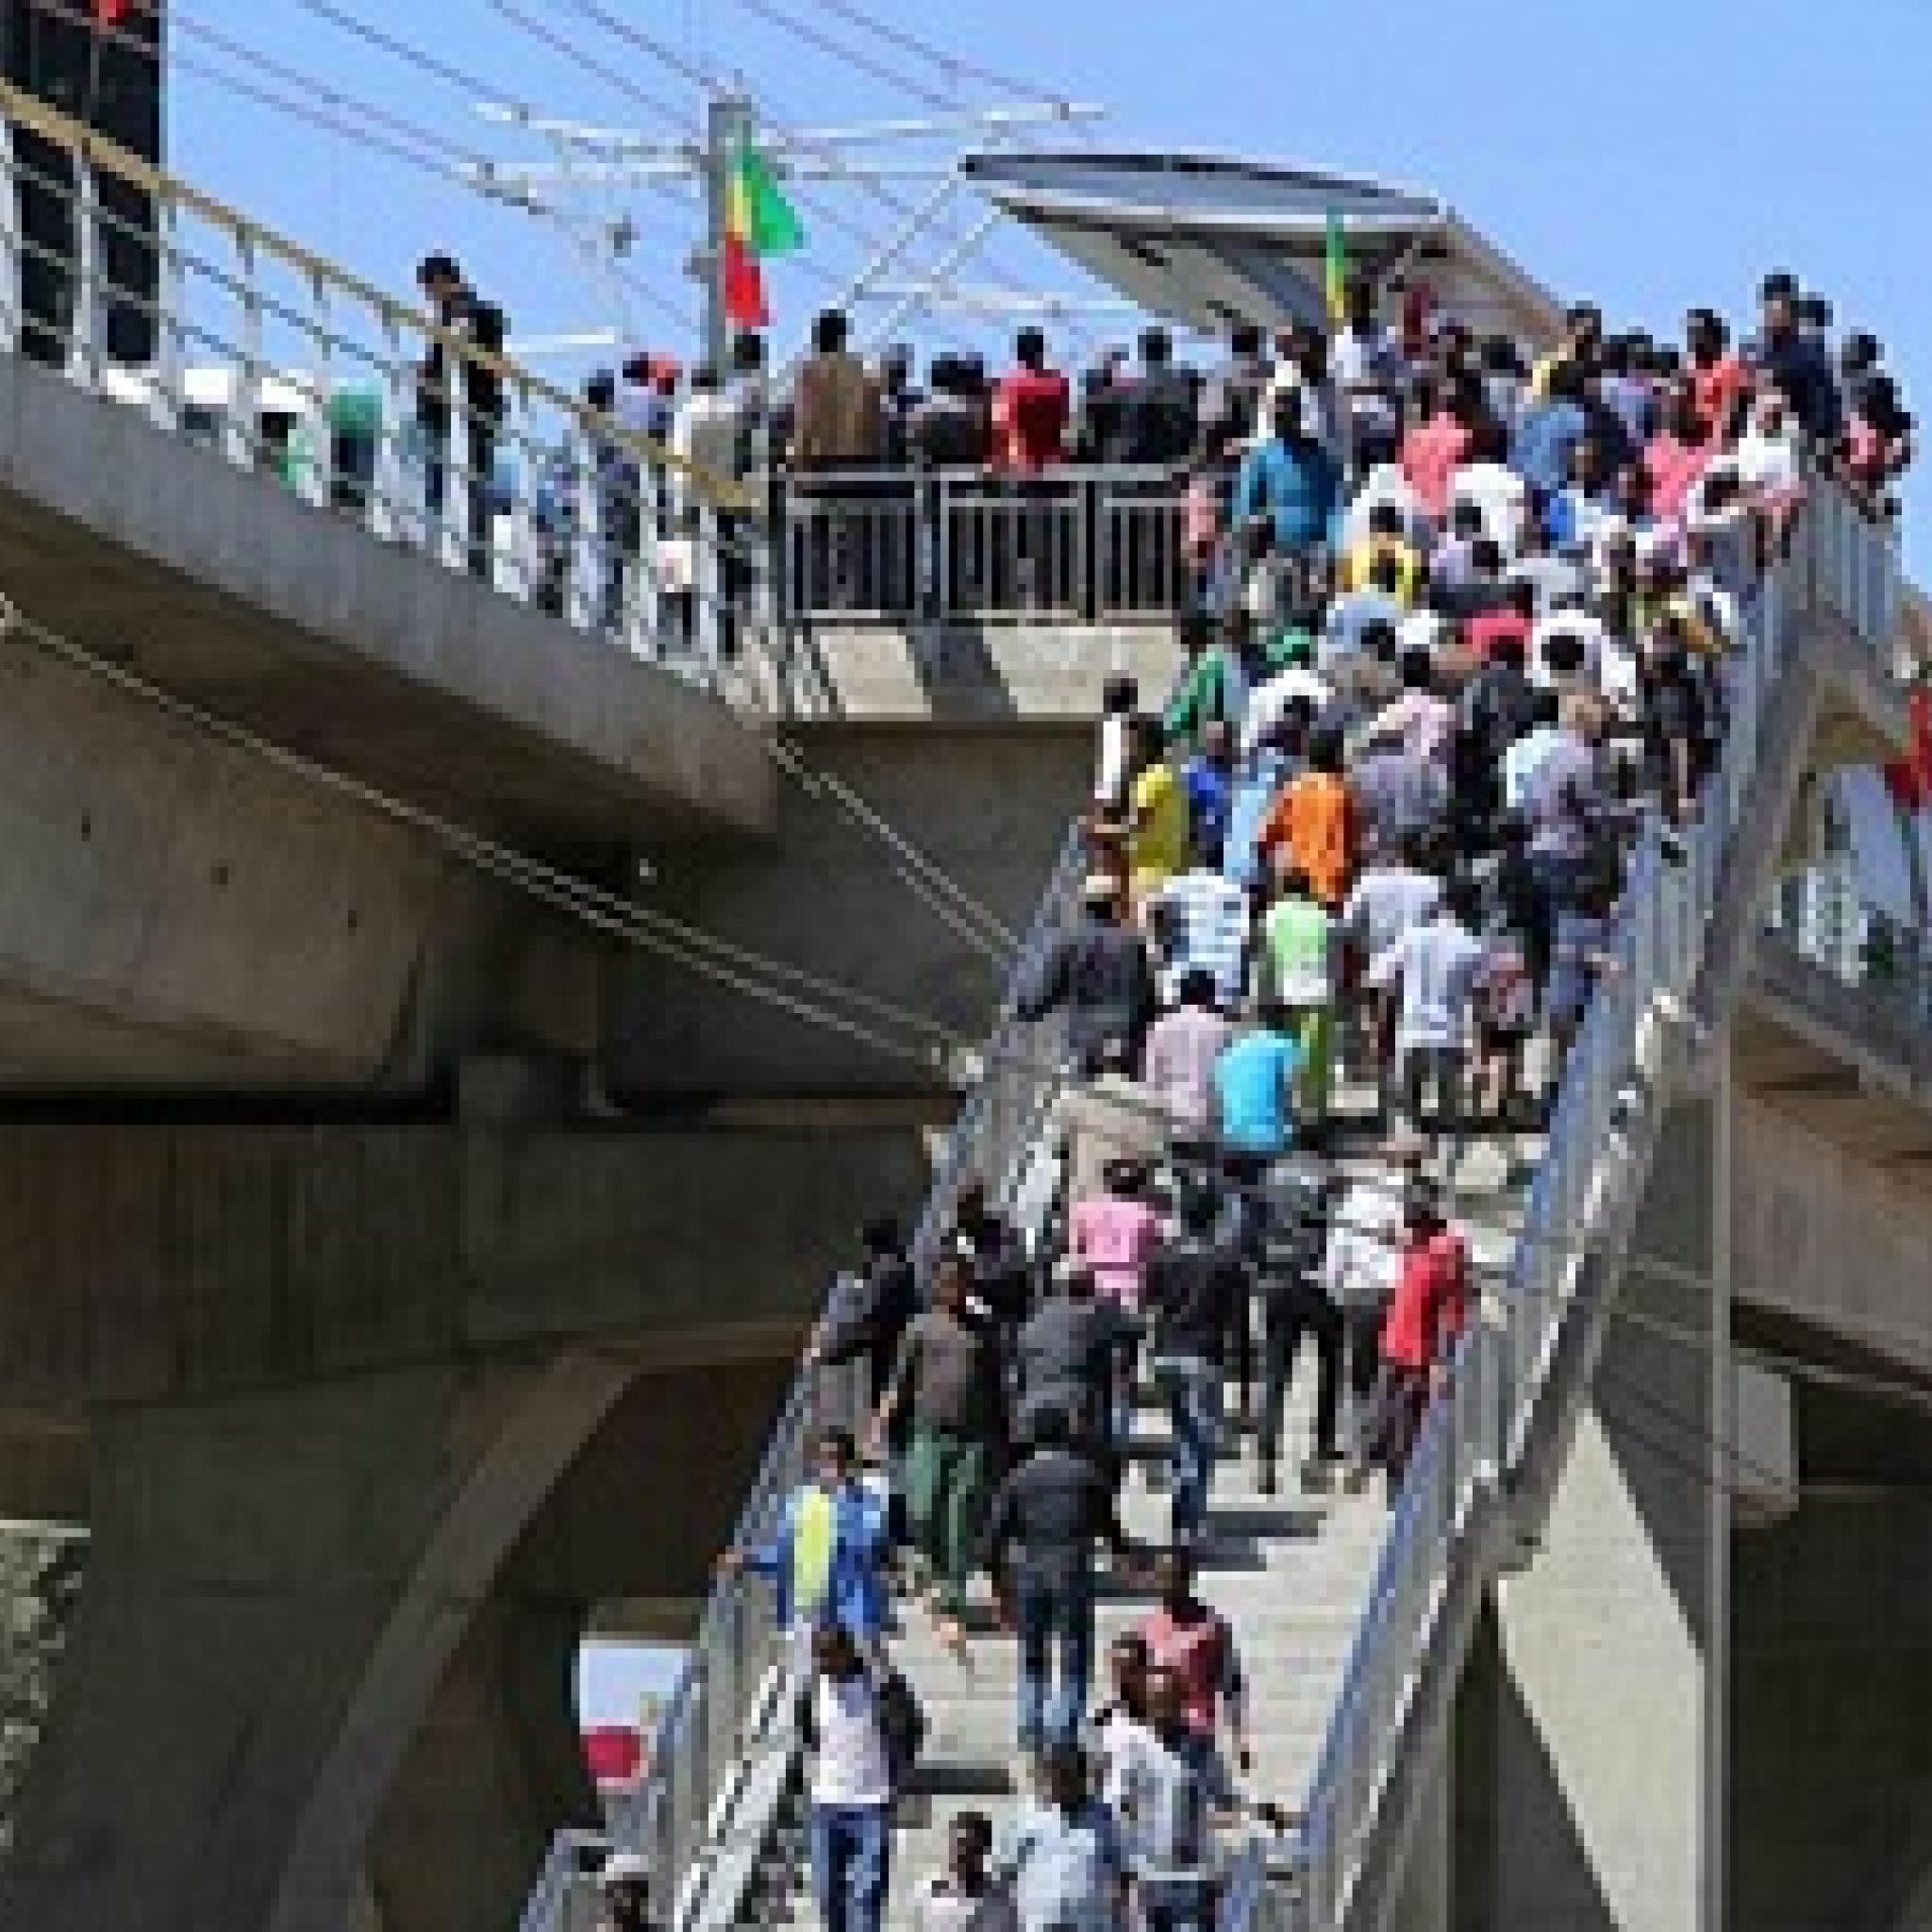 የአዲስ አበባ ቀላል ባቡር በግማሽ ዓመት ውስጥ ከ57 ሚሊዮን ብር በላይ ገቢ ማስገኘቱ ተገለፀ -  Addis Ababa Light Railway Has Secured Over 57 Million birr in Half Fiscal Year